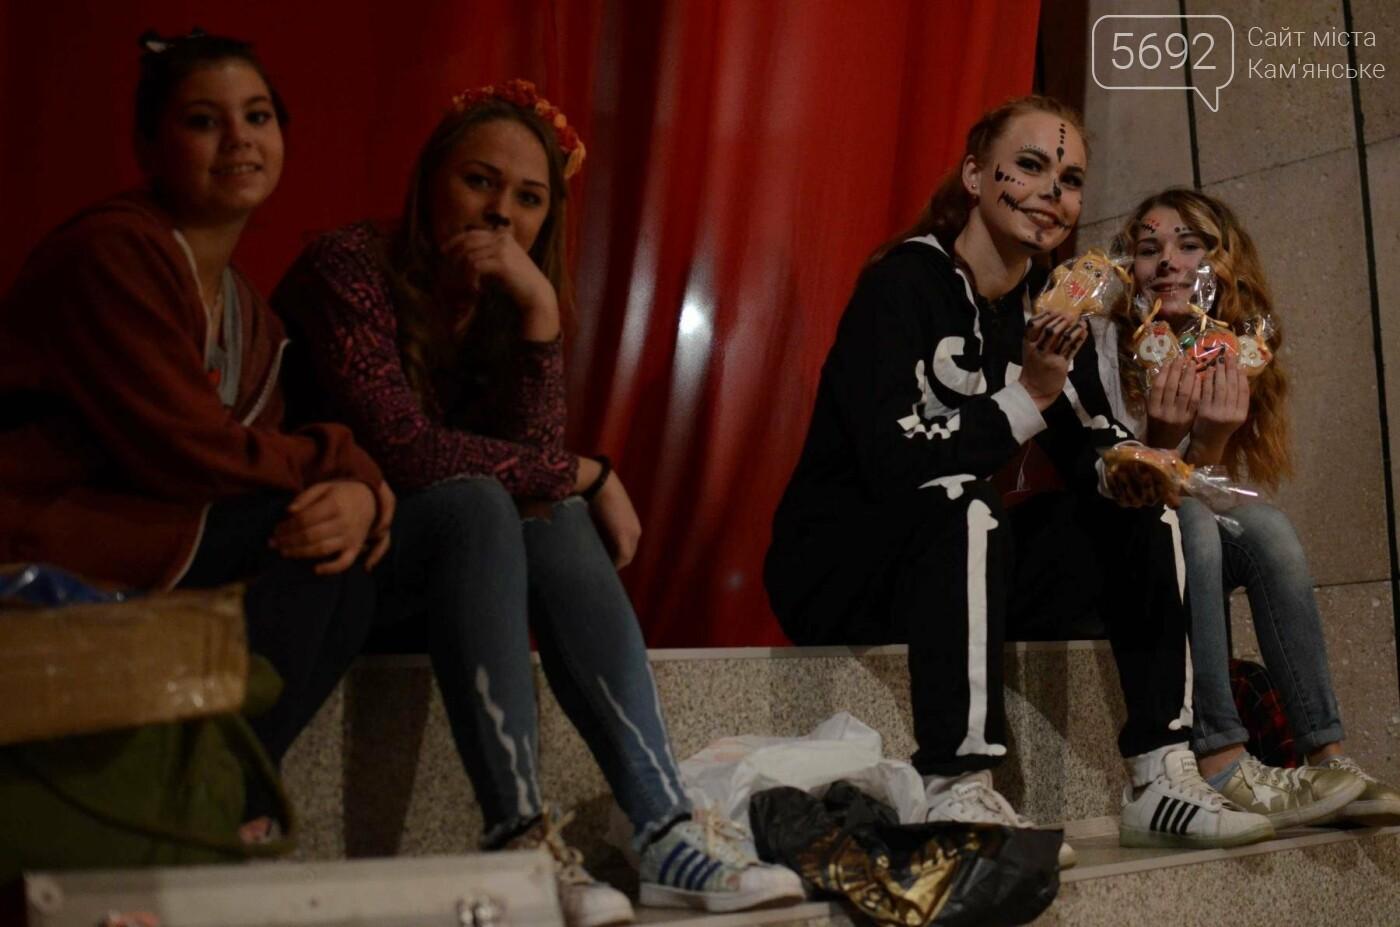 Ночь кино в Каменском посвятили Хэллоуину, фото-29